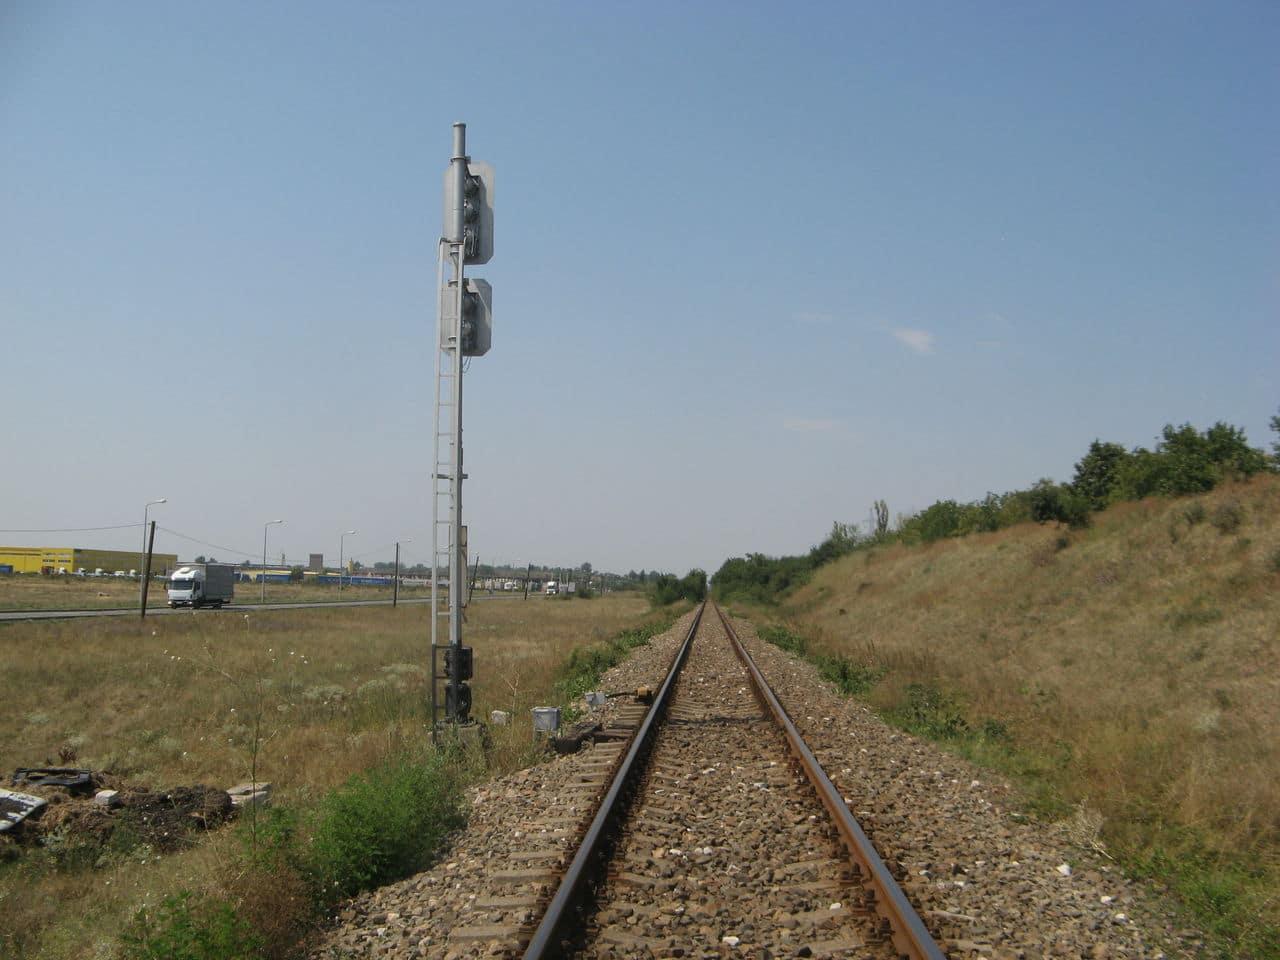 Calea ferată directă Oradea Vest - Episcopia Bihor IMG_0065